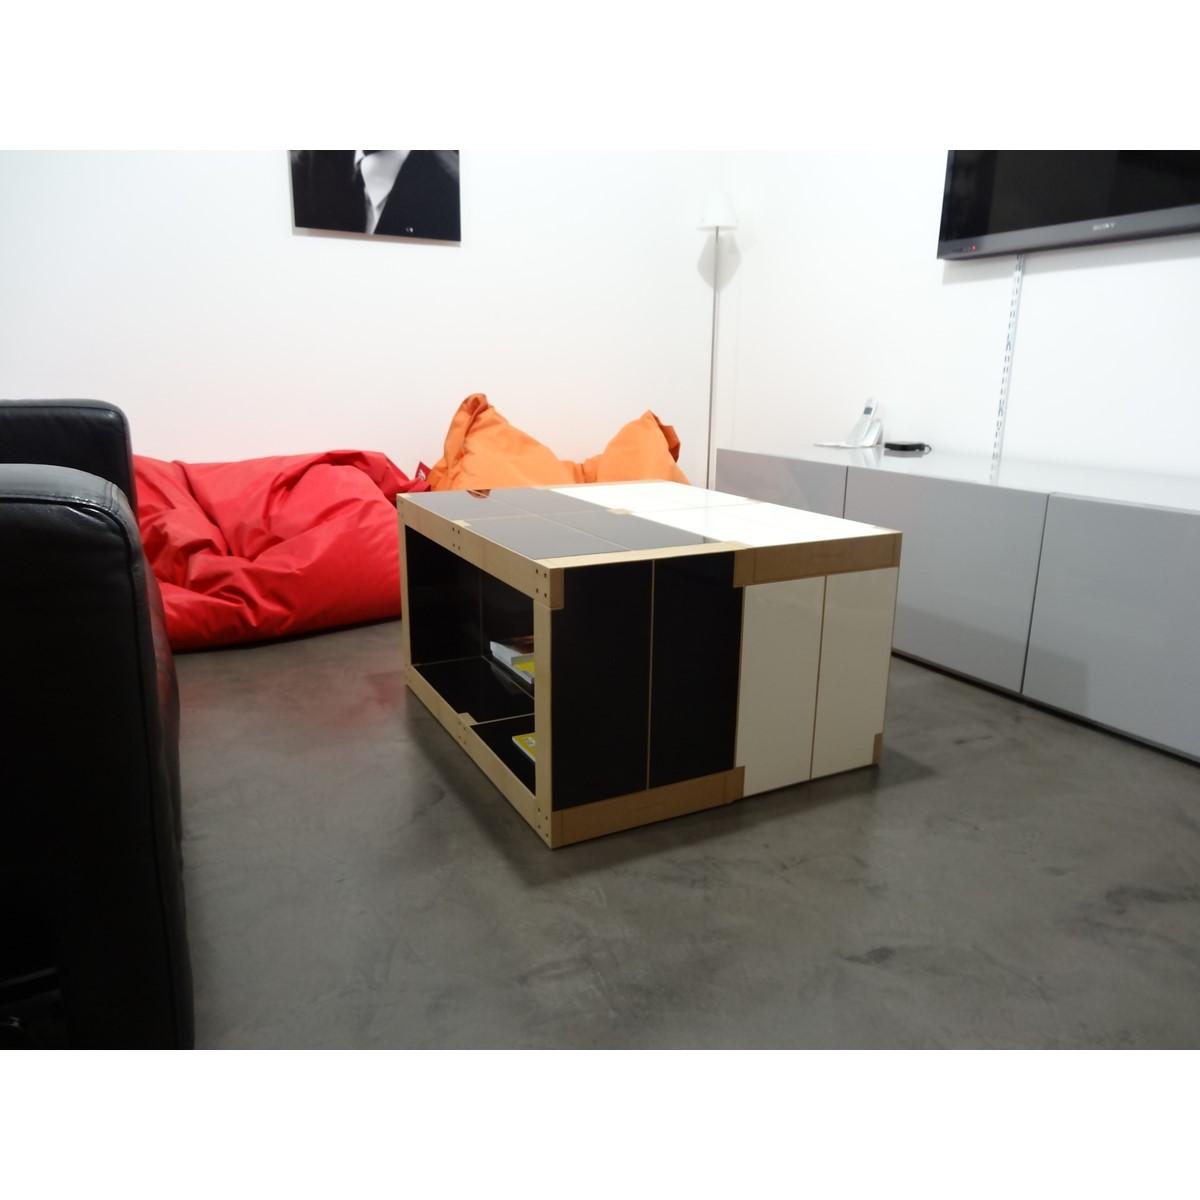 D co meuble bibliotheque rose 18 avignon meuble de rangement jouet meuble design scandinave for Deco et meuble avignon